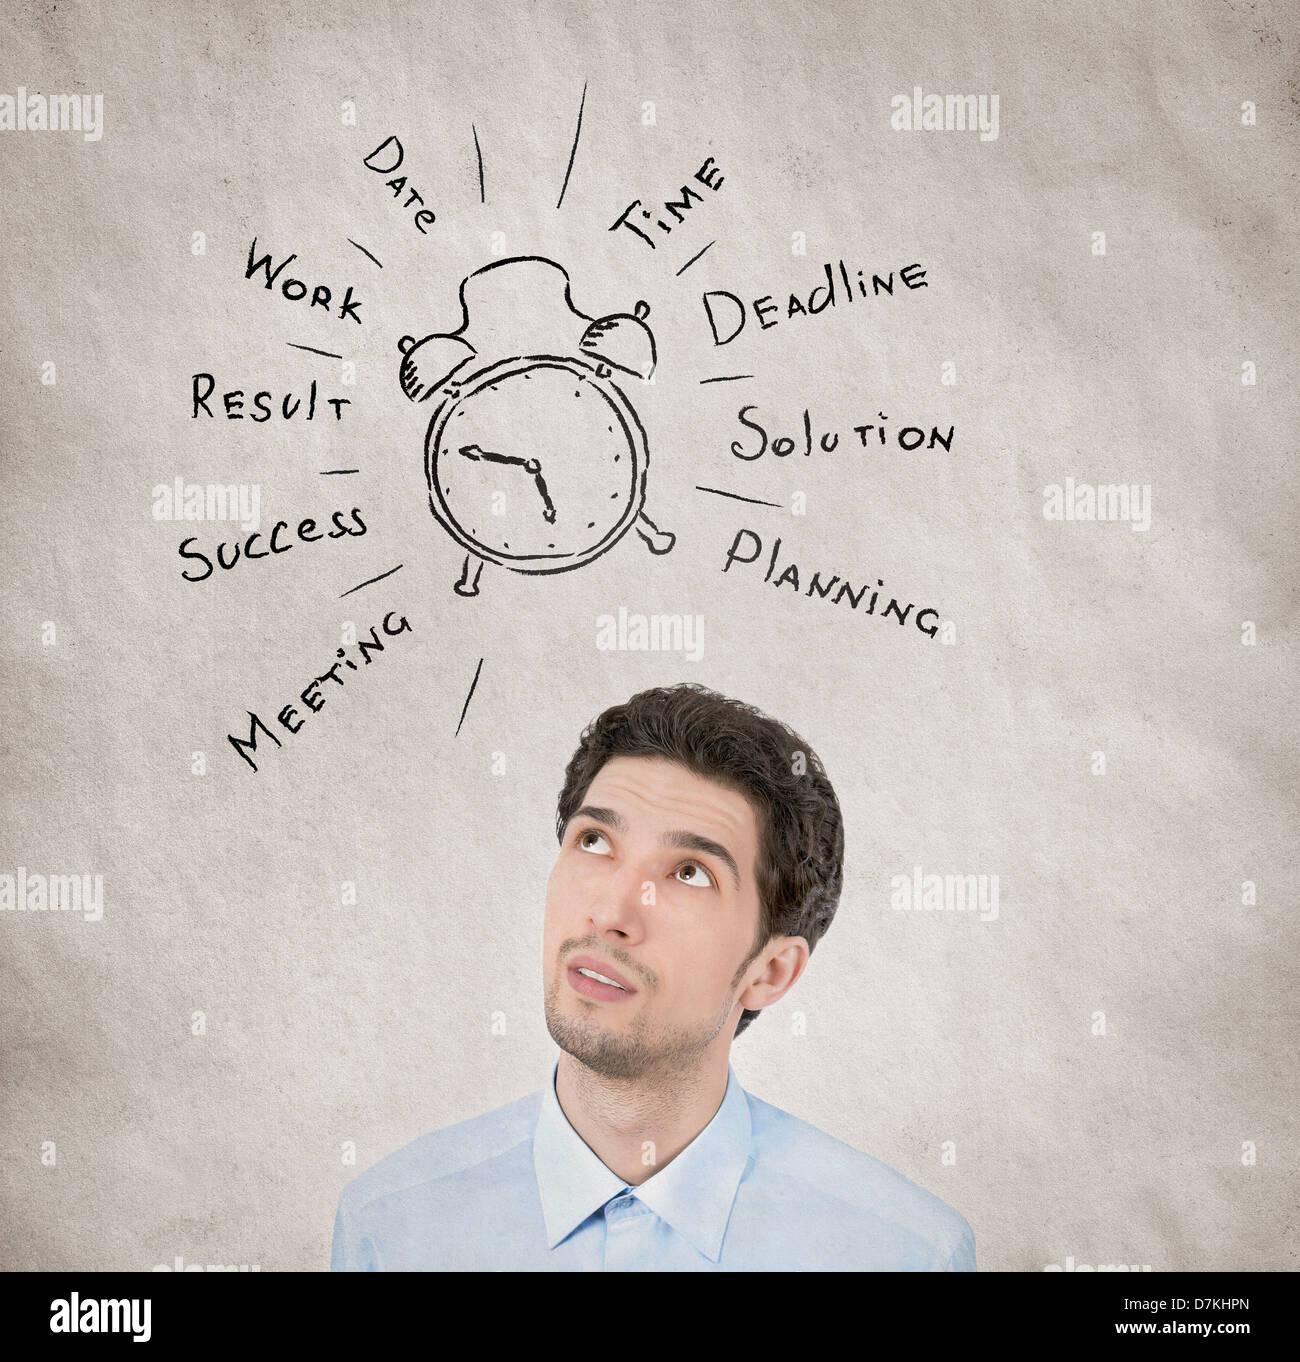 Concetto ritratto dell uomo d affari progettando la sua giornata di lavoro vuole avere successo in crescita personale Immagini Stock